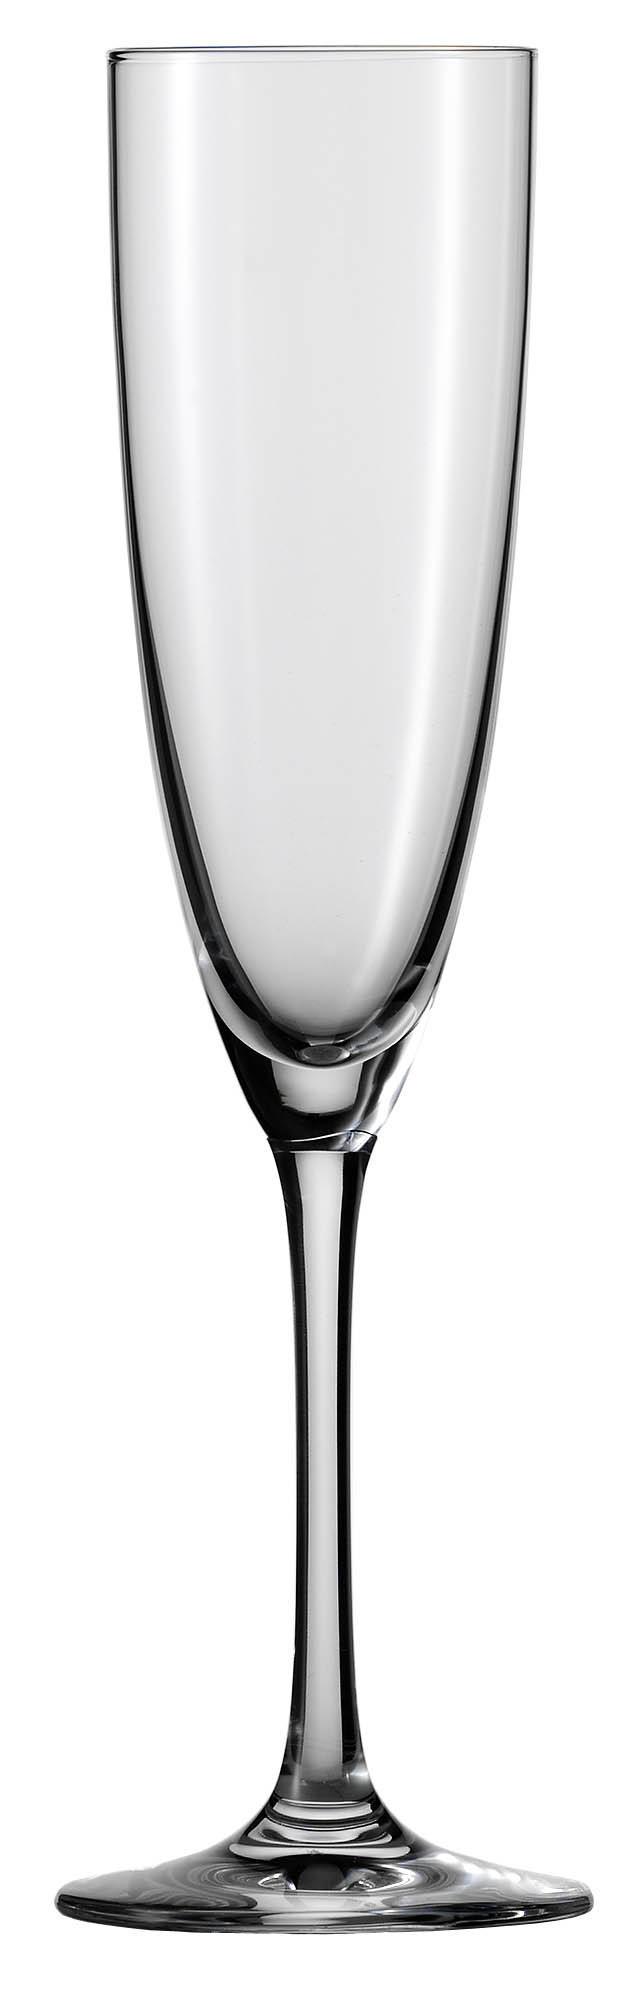 SEKTGLAS 210 ml Classico - Klar, Basics, Glas (0,210l) - SCHOTT ZWIESEL